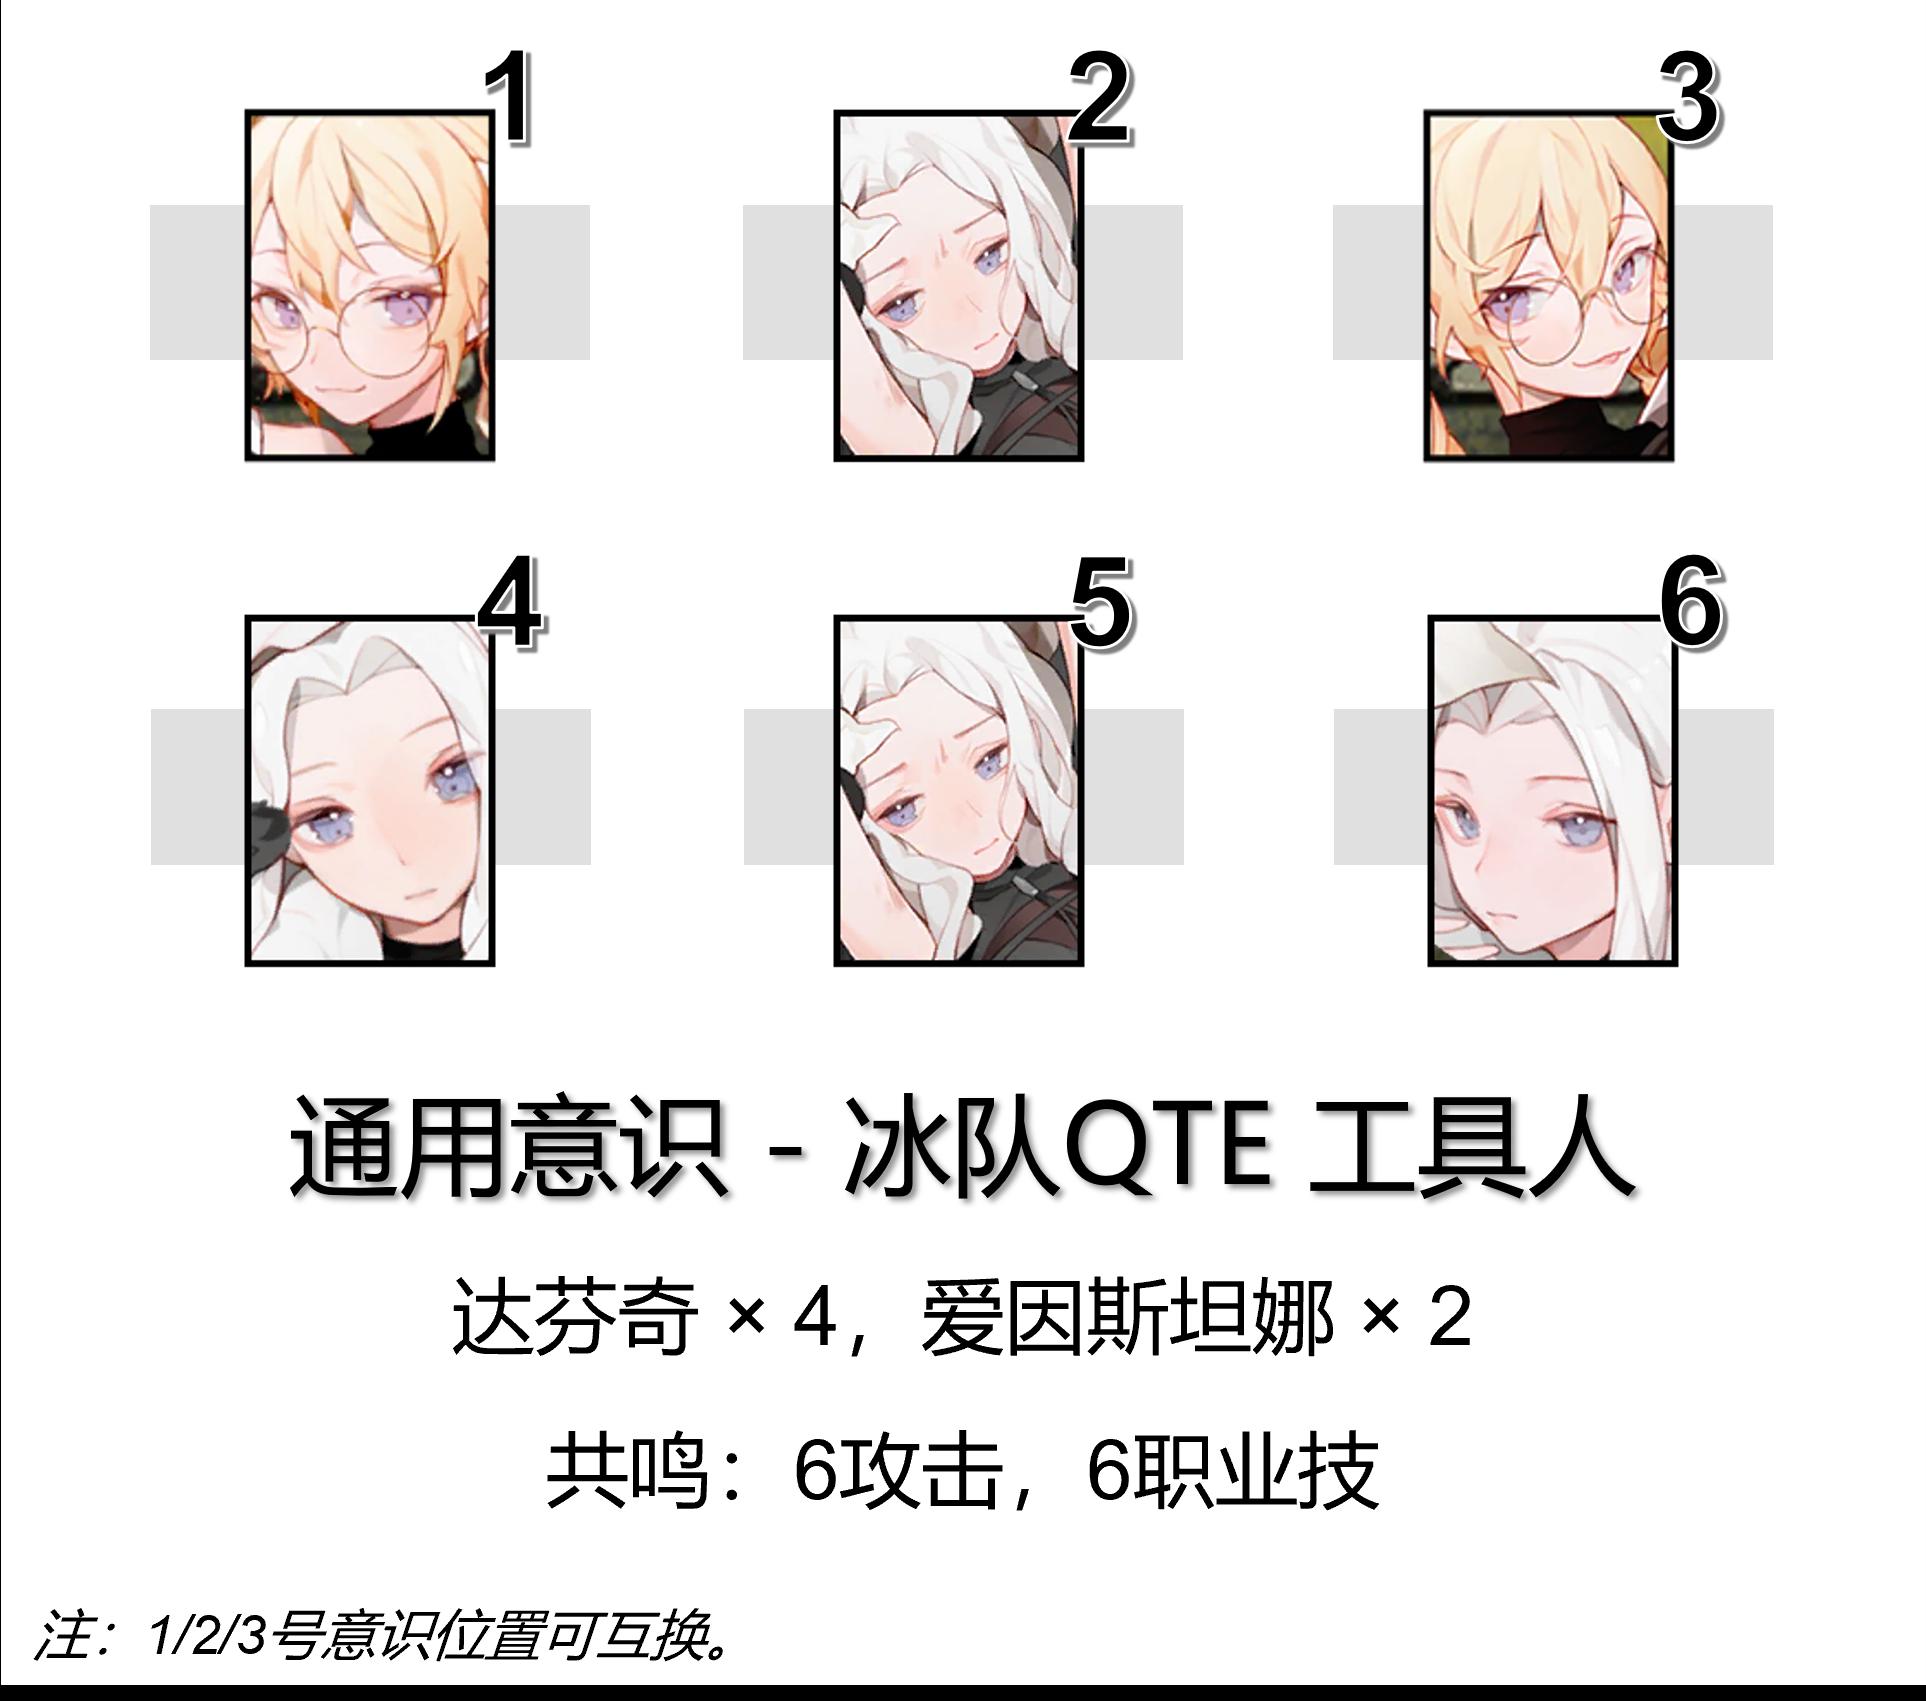 PP 常羽·游麟 意识推荐1.png